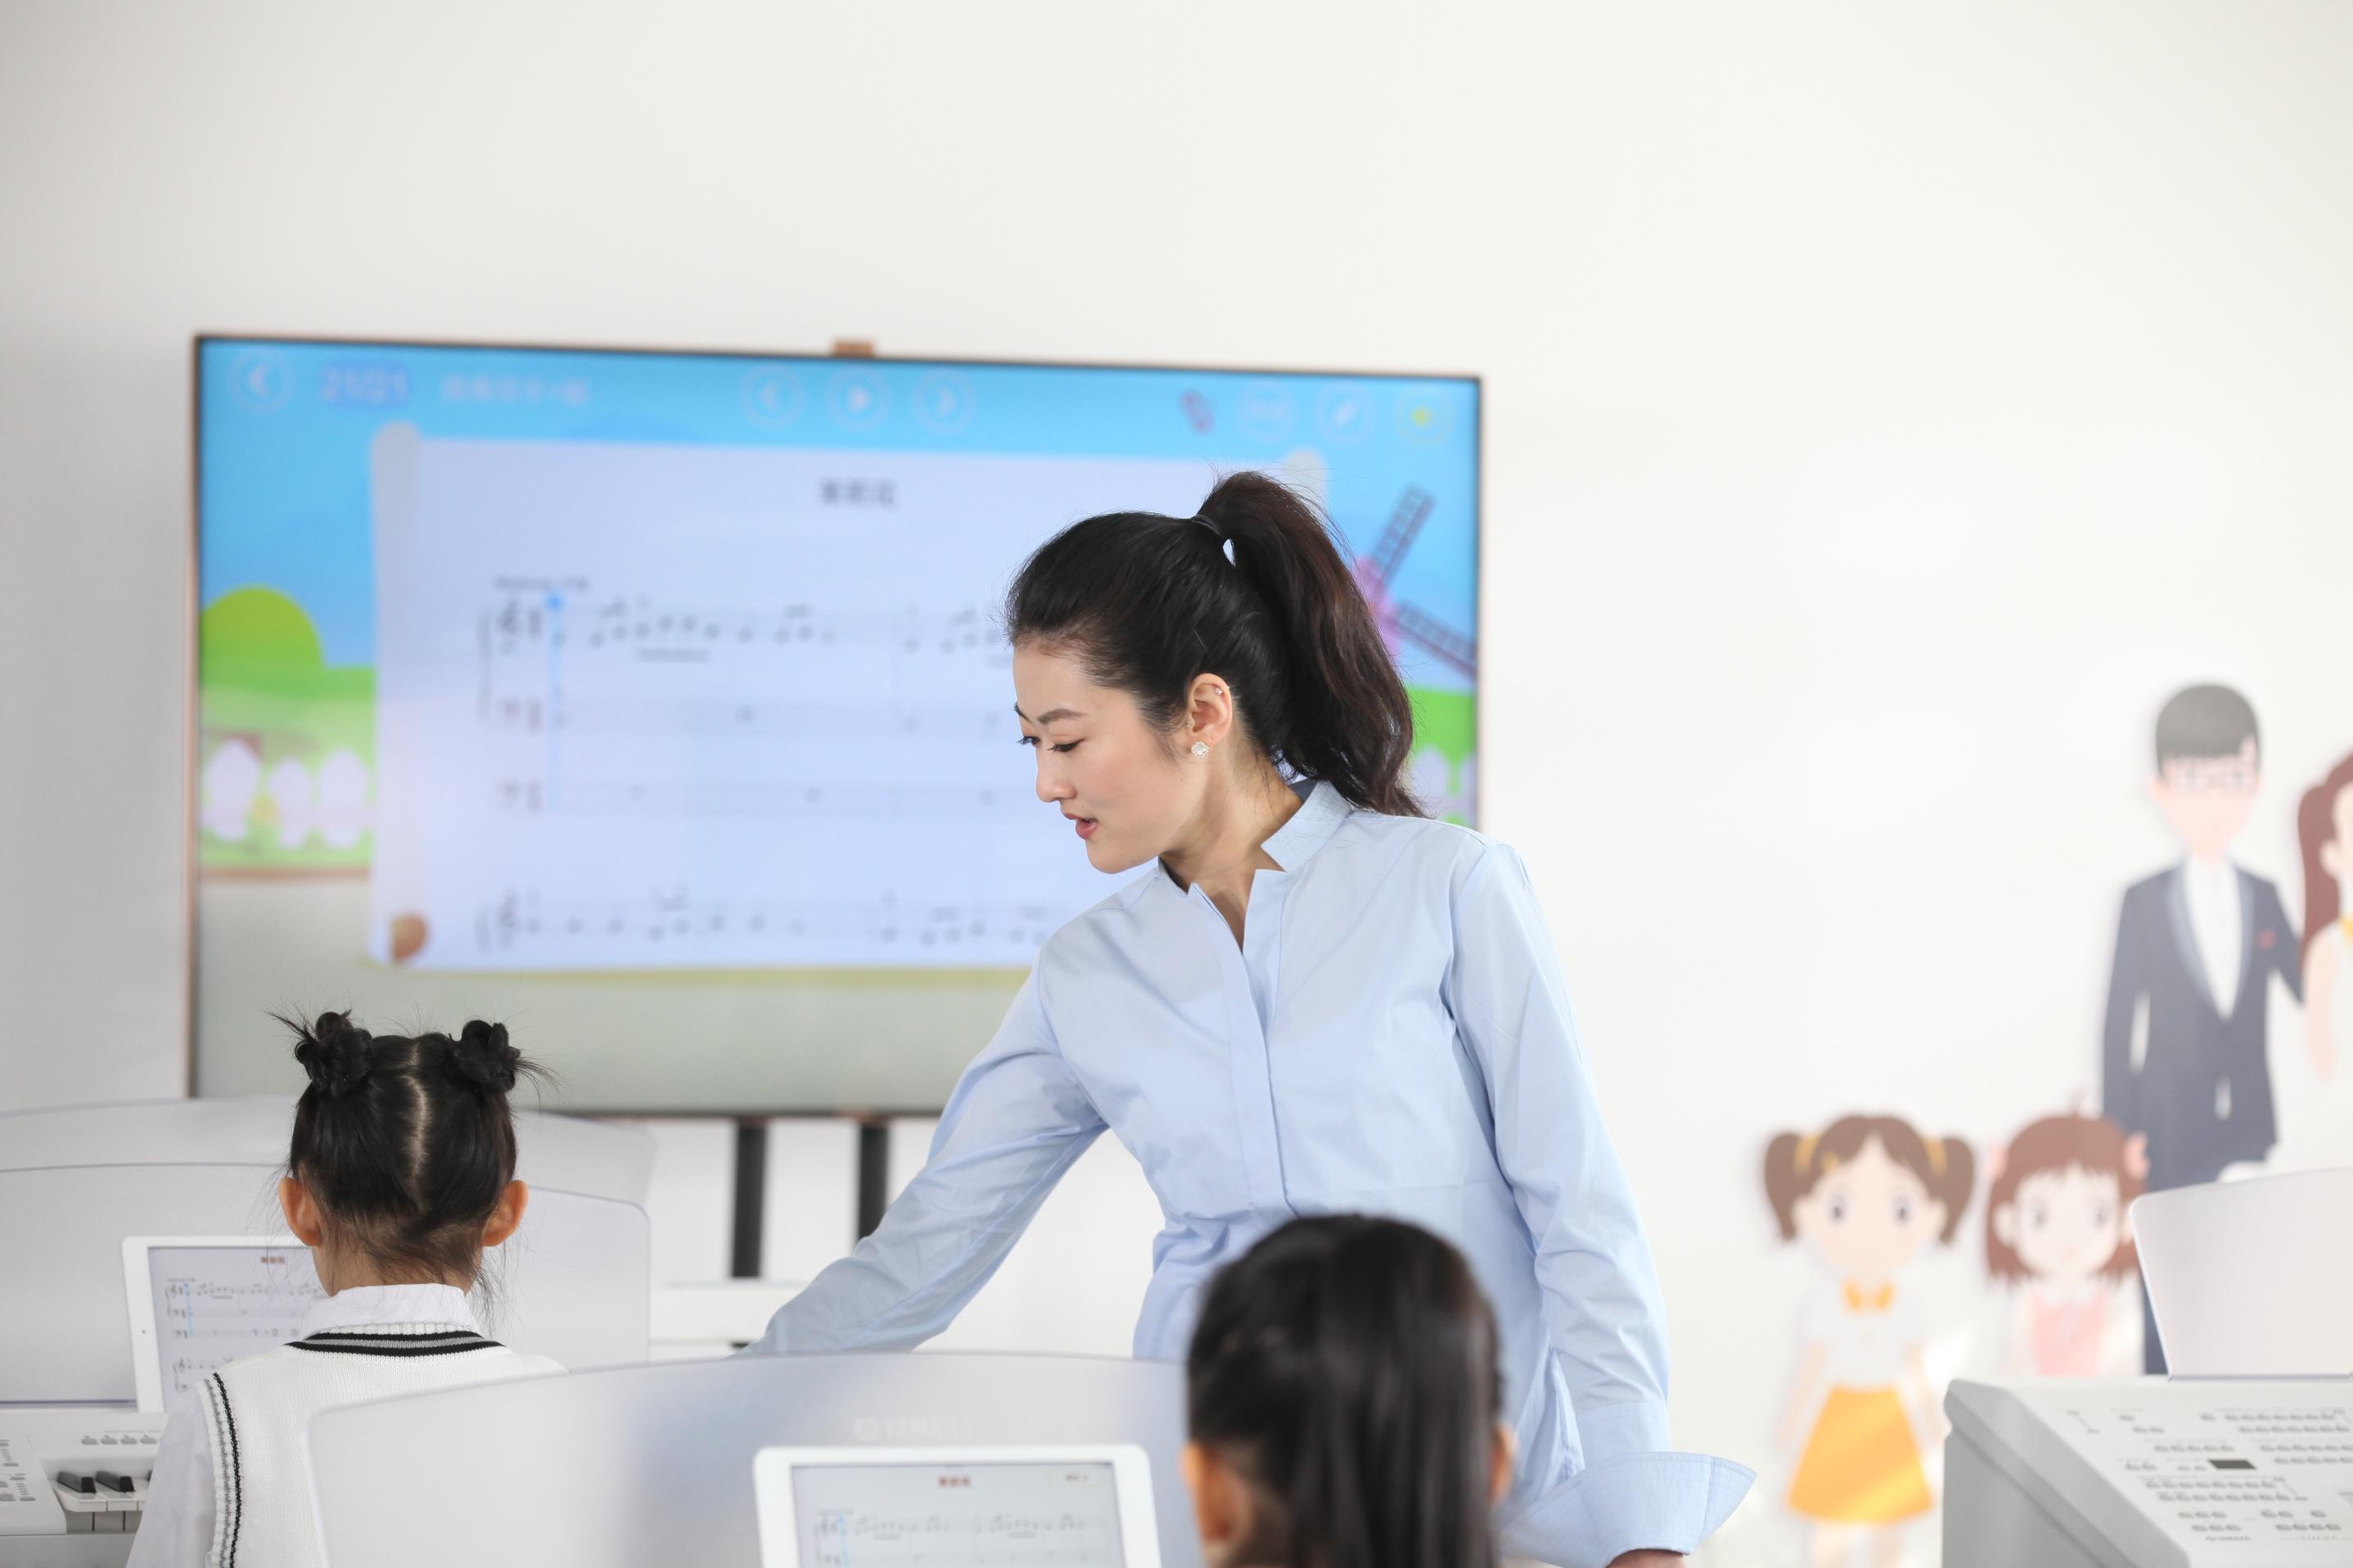 学琴时,应该如何判断老师的真实教学水平?